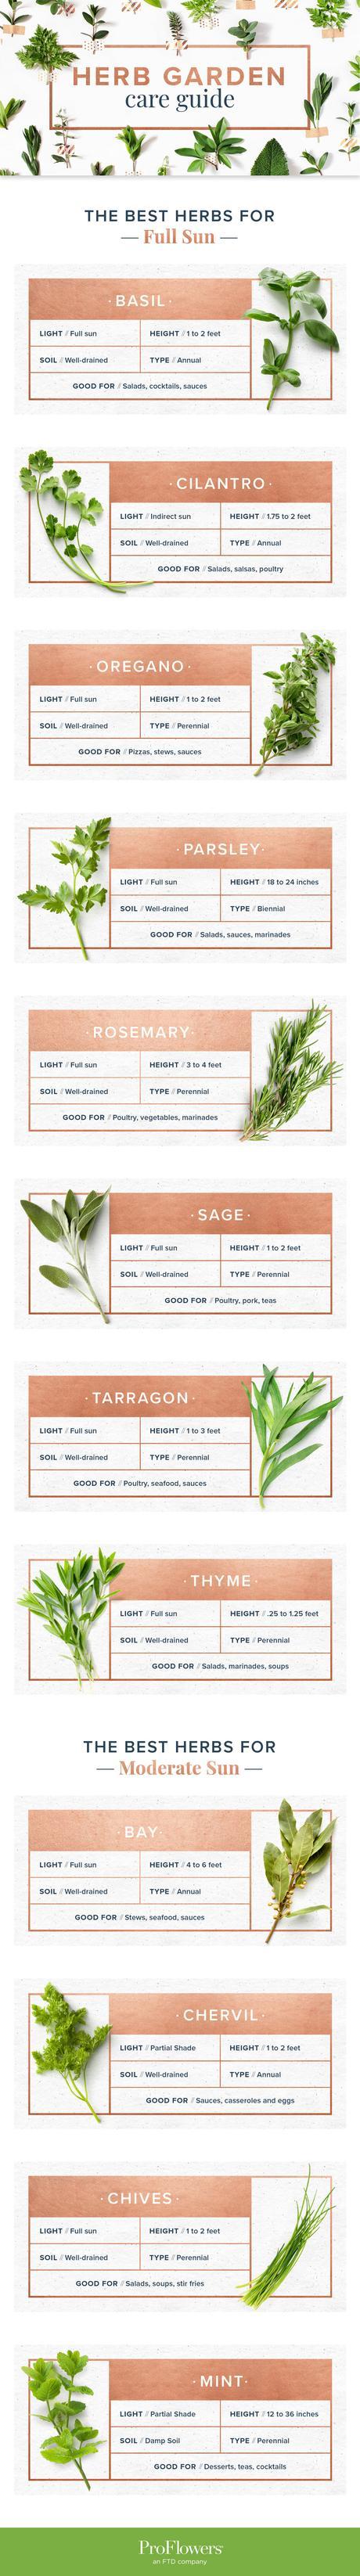 Image: indoor herb garden care guide